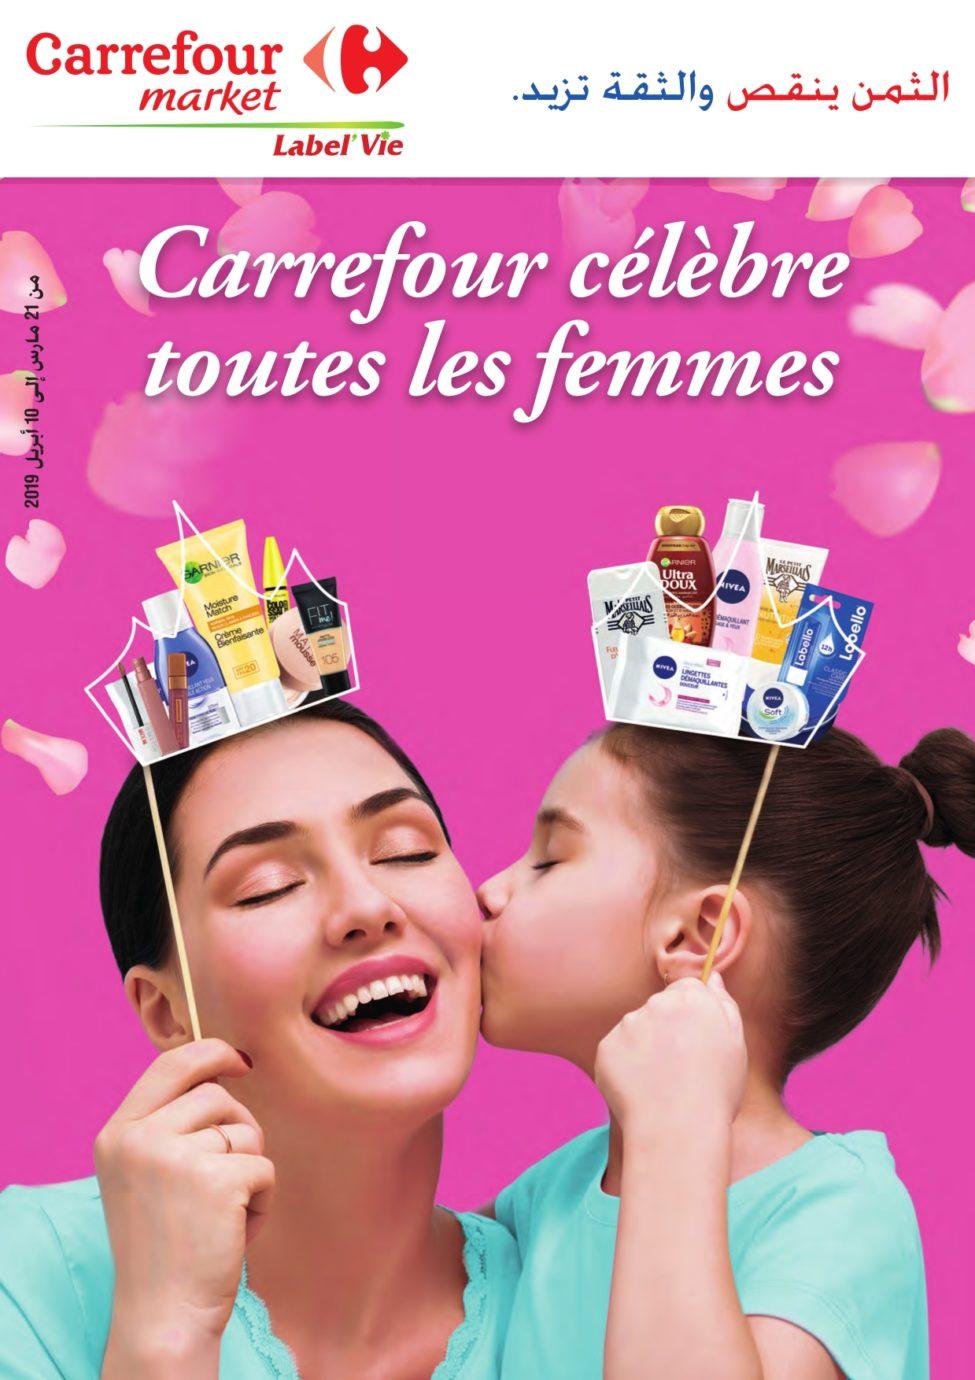 Catalogue Carrefour Market Maroc du 21 Mars au 10 Avril 2019